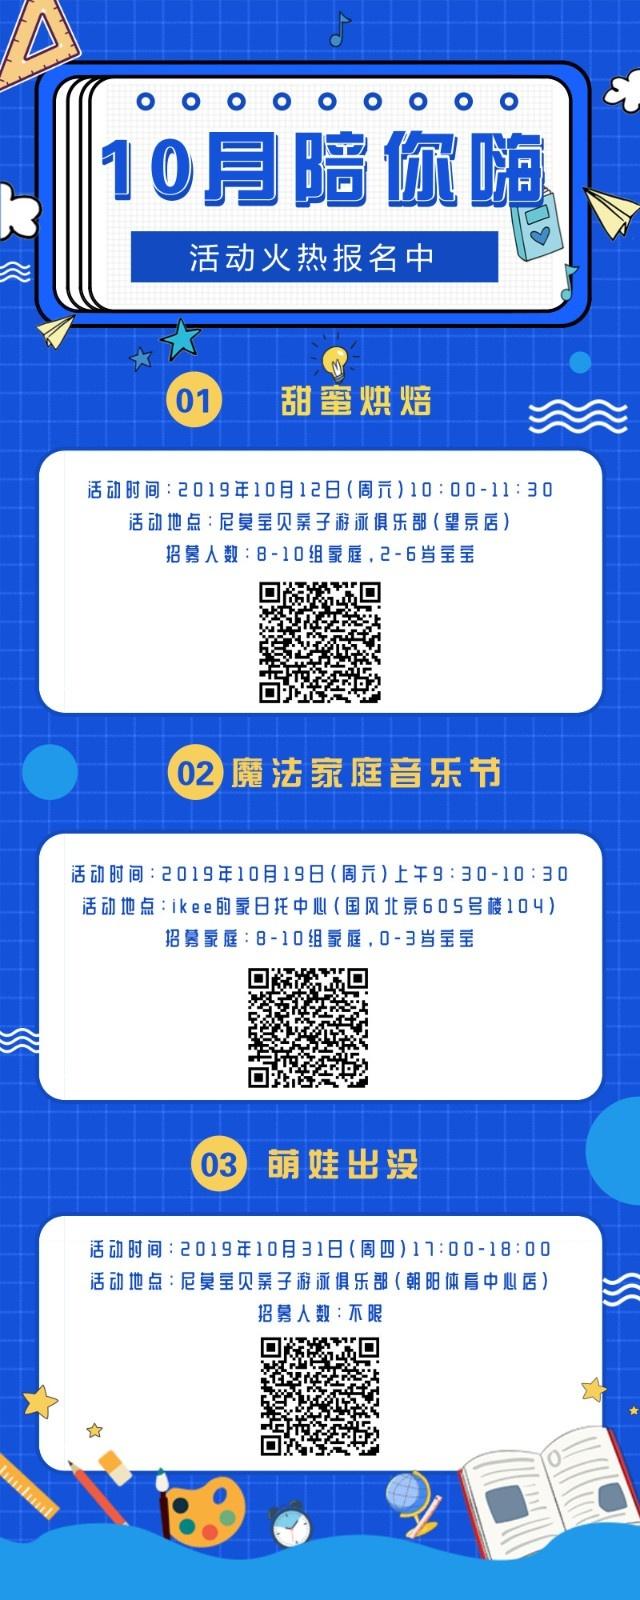 10月活动排期_长图海报_2019.10.09.jpg